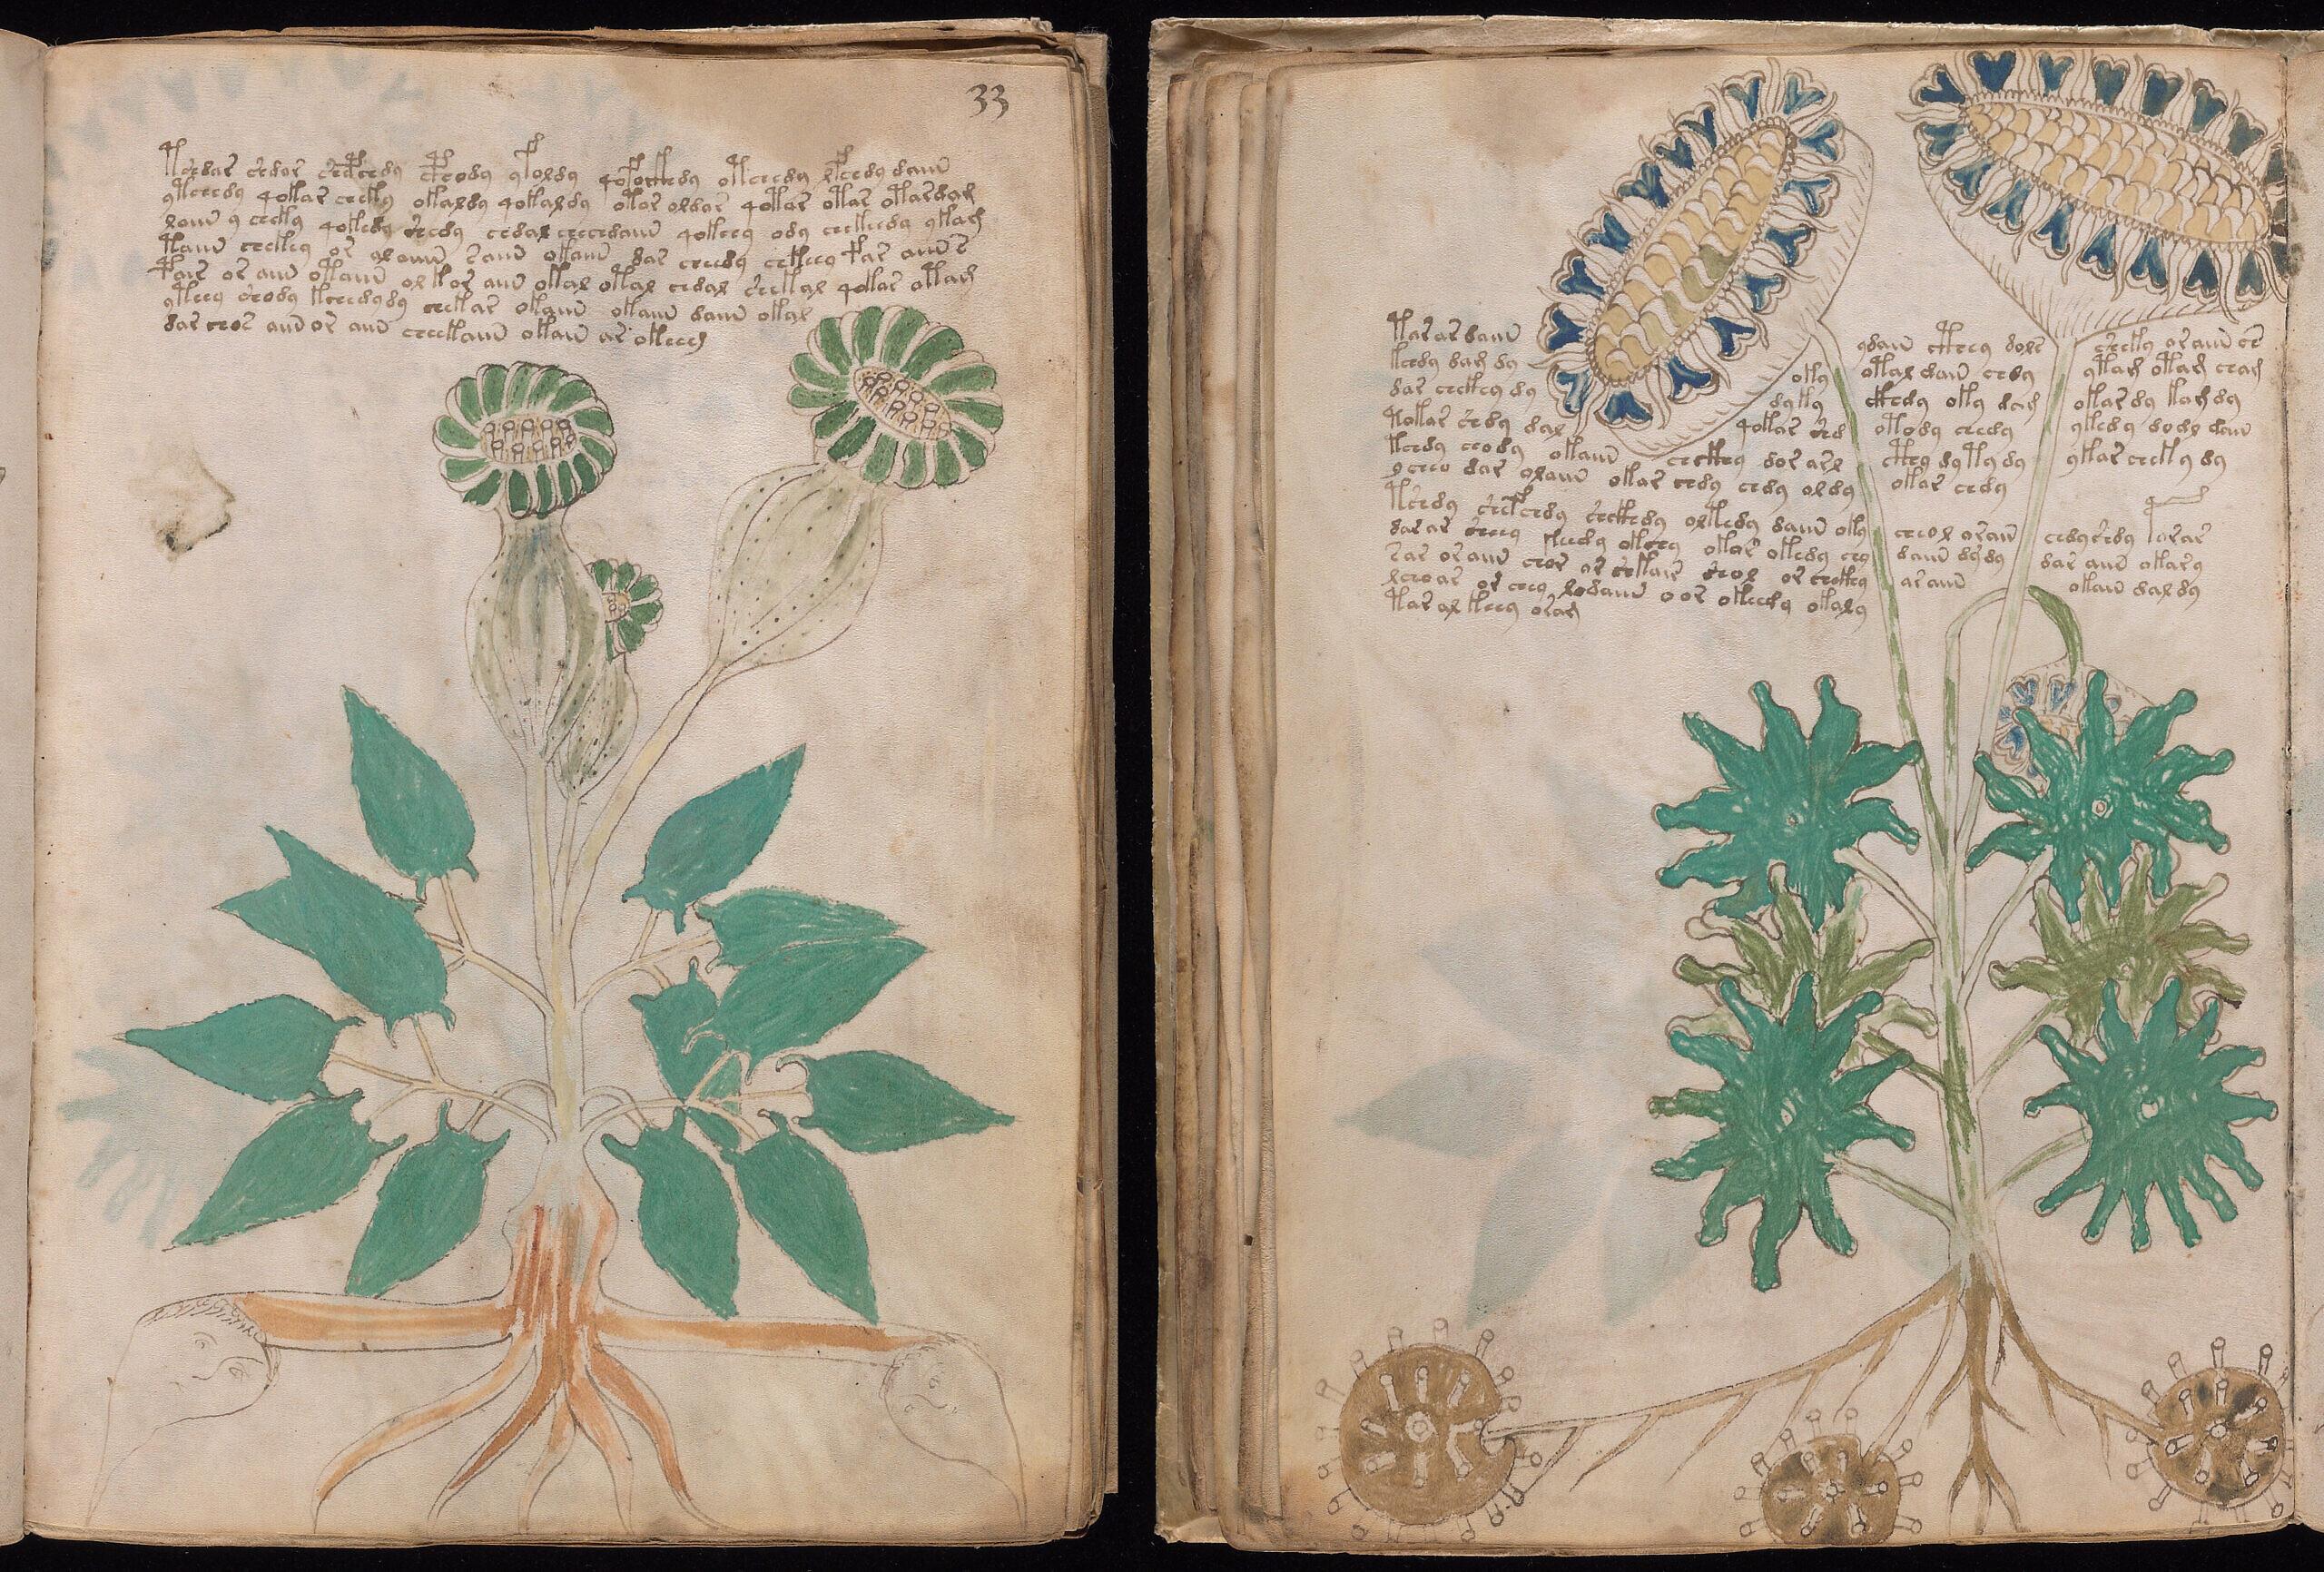 Voynich Folio 33